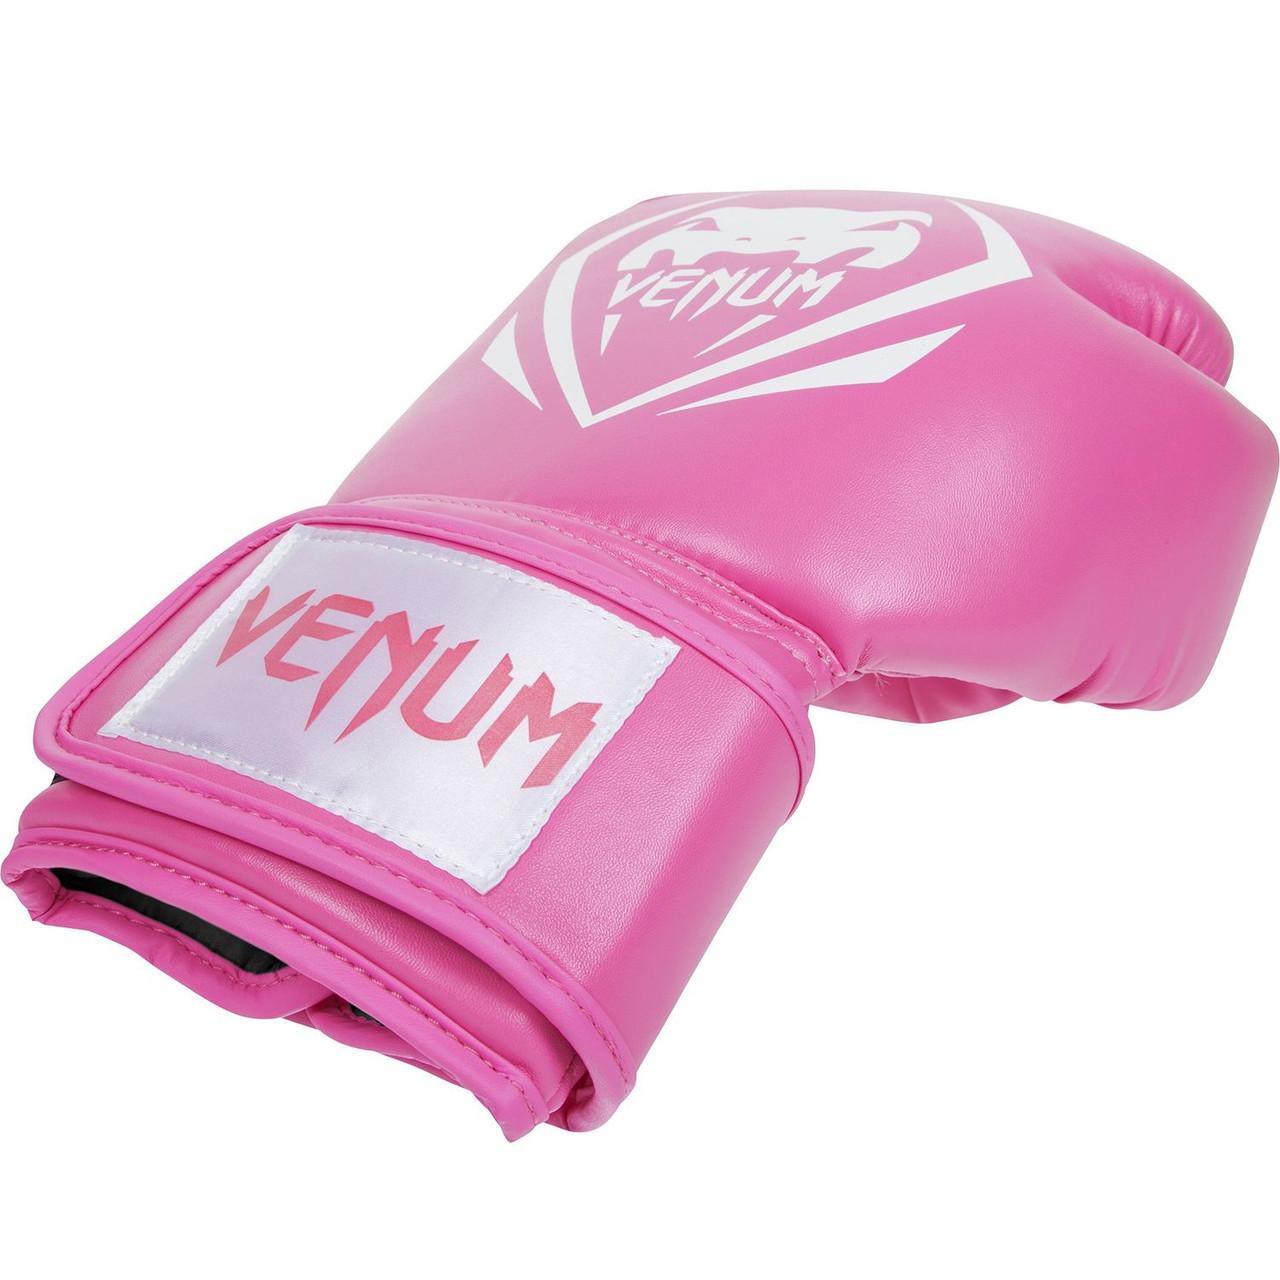 Перчатки боксерские Venum Contender pink 12oz